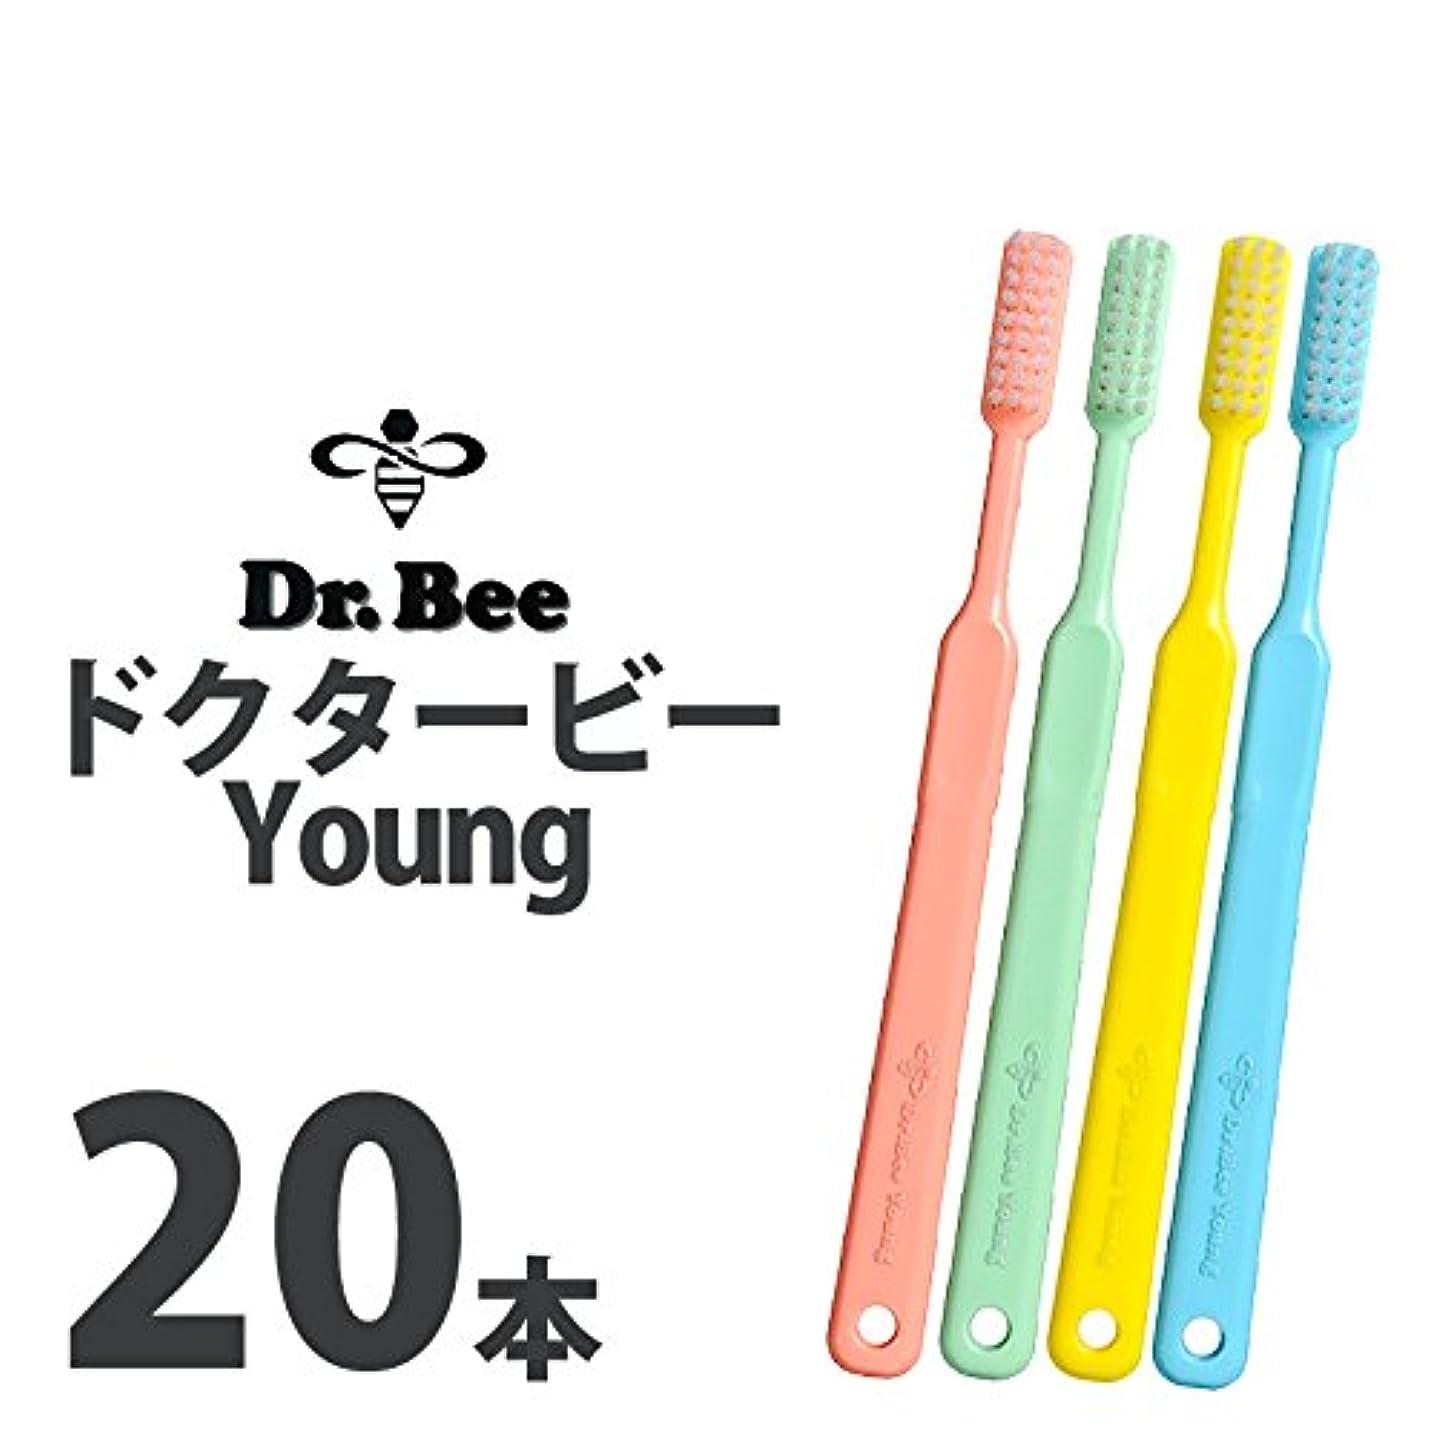 種類統治可能お酢ビーブランド ドクタービー Dr.Bee ヤング 4色アソート ソフト やわらかめ 20本